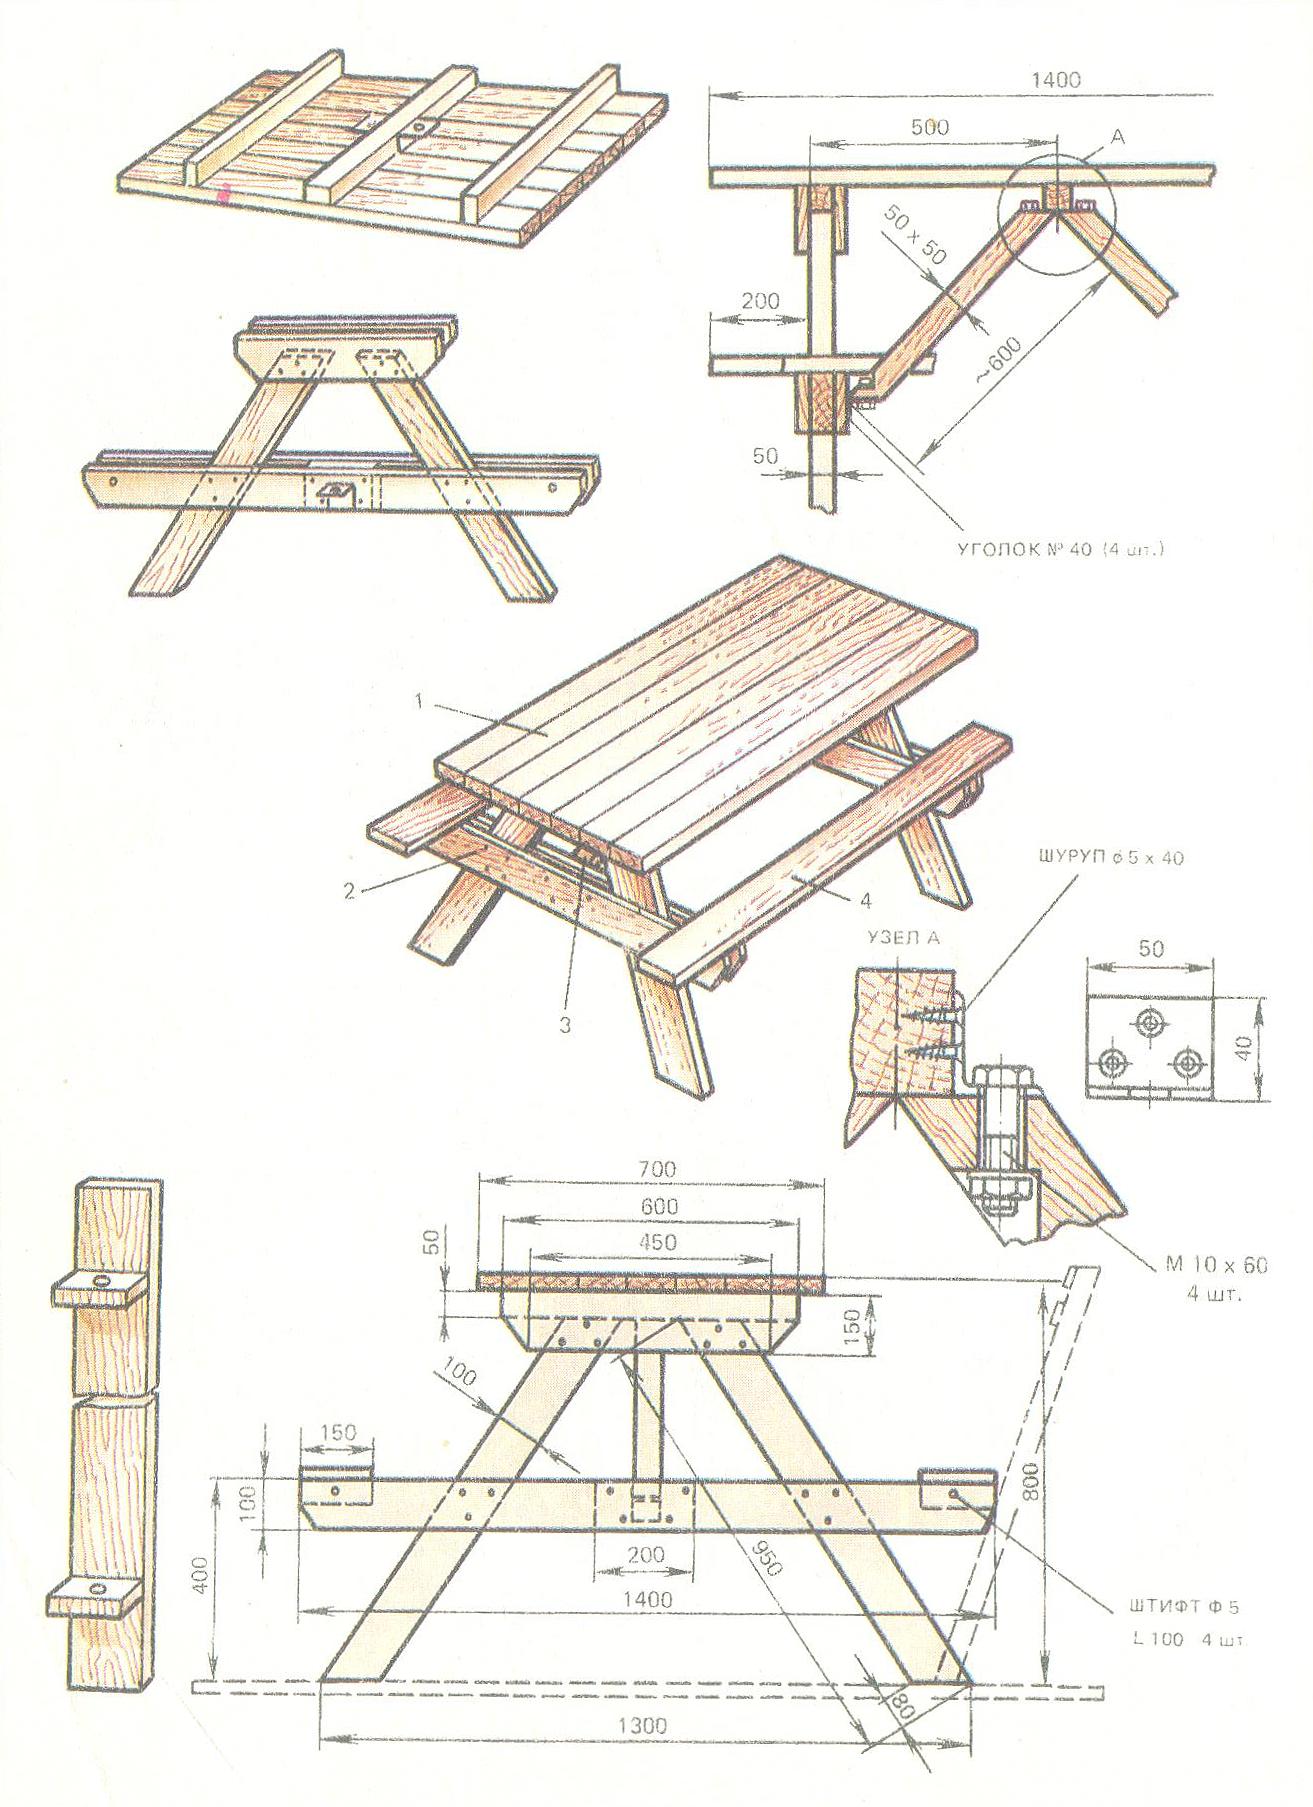 Евроштакетник. штакетник металлический для заборов и ограждений, палисадников